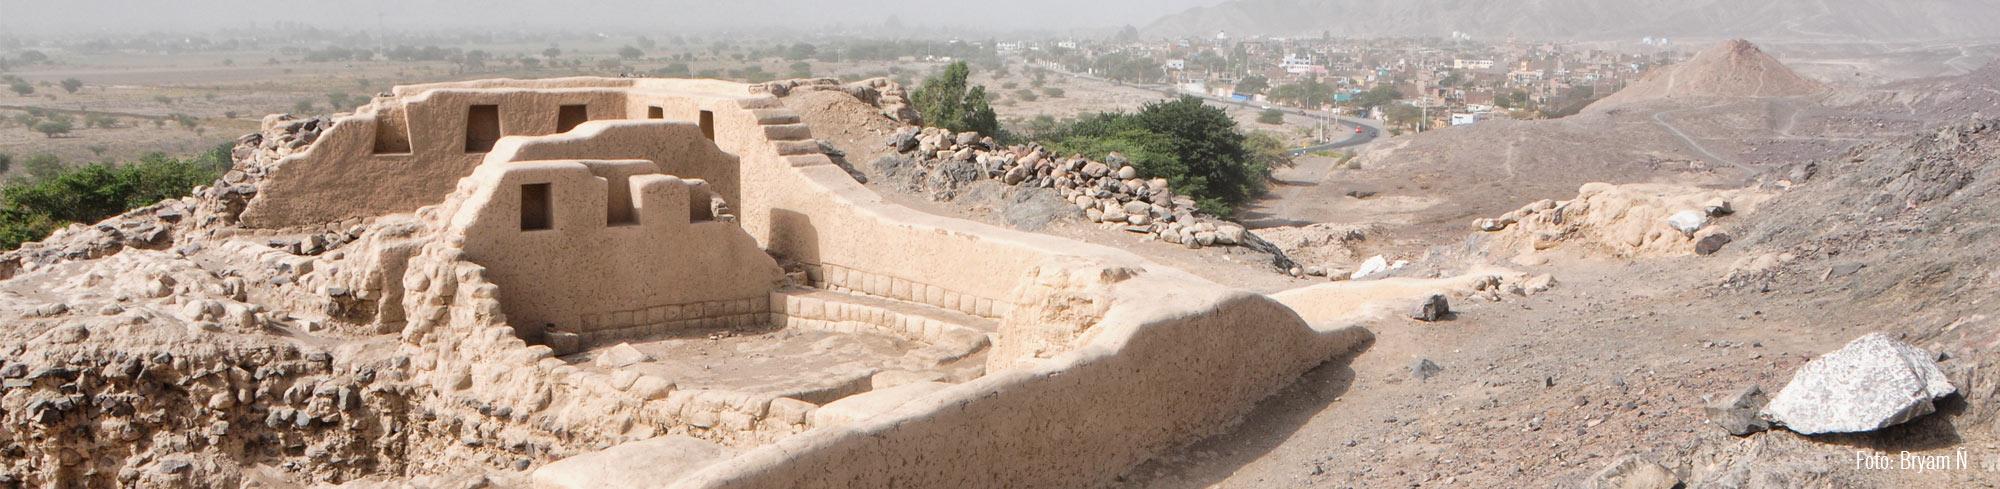 Tour arqueologico Nasca desde Nasca